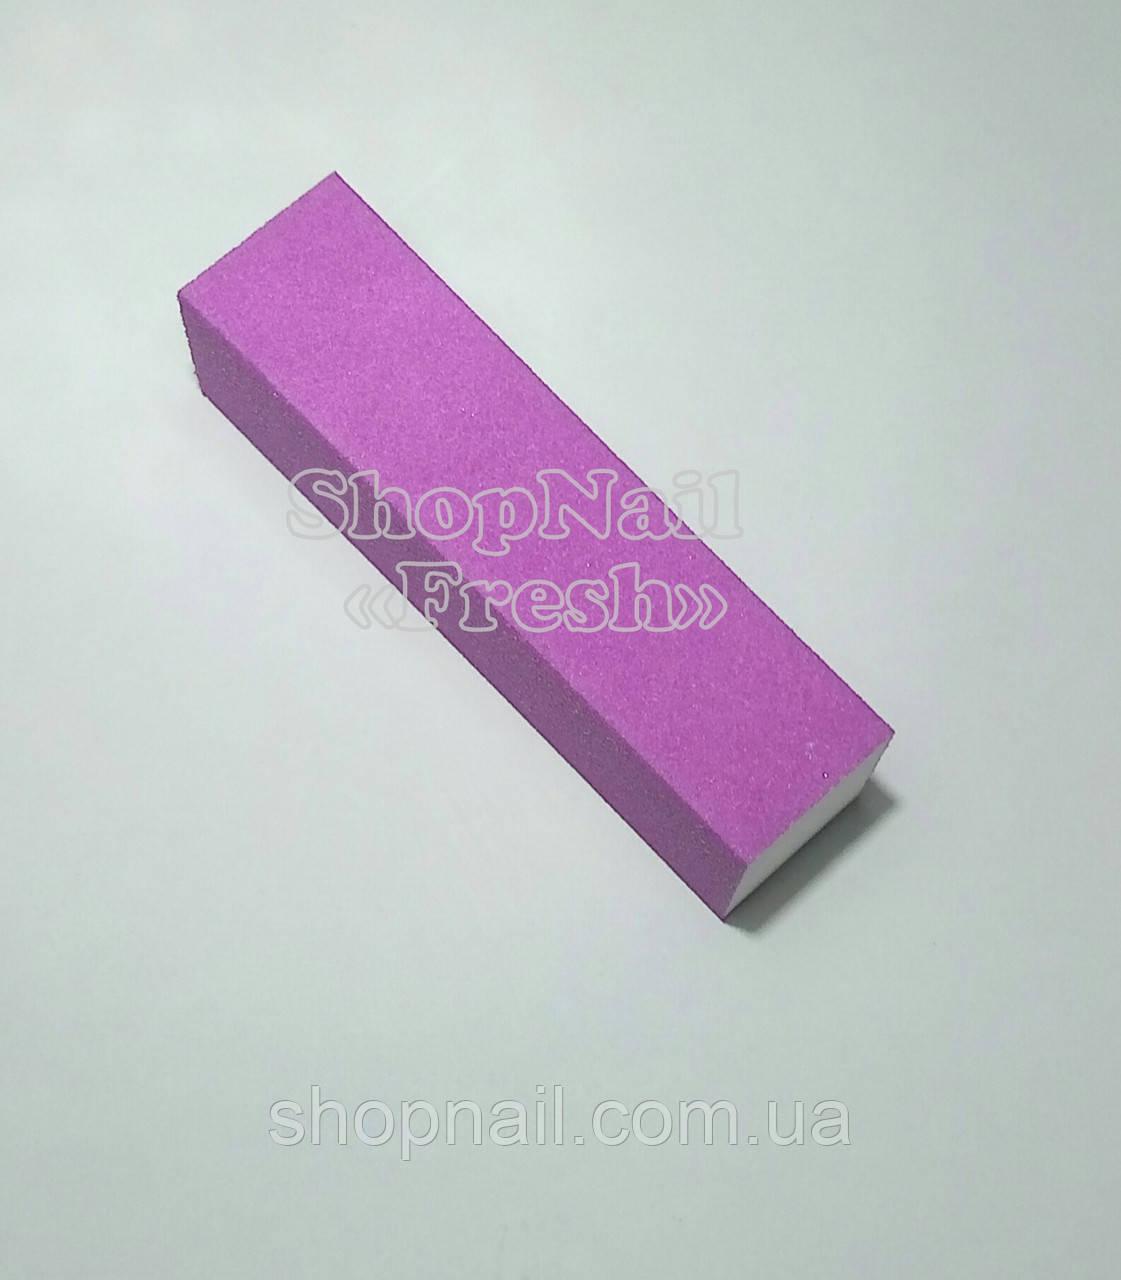 Баф для ногтей 4-х сторонний, фиолетовый